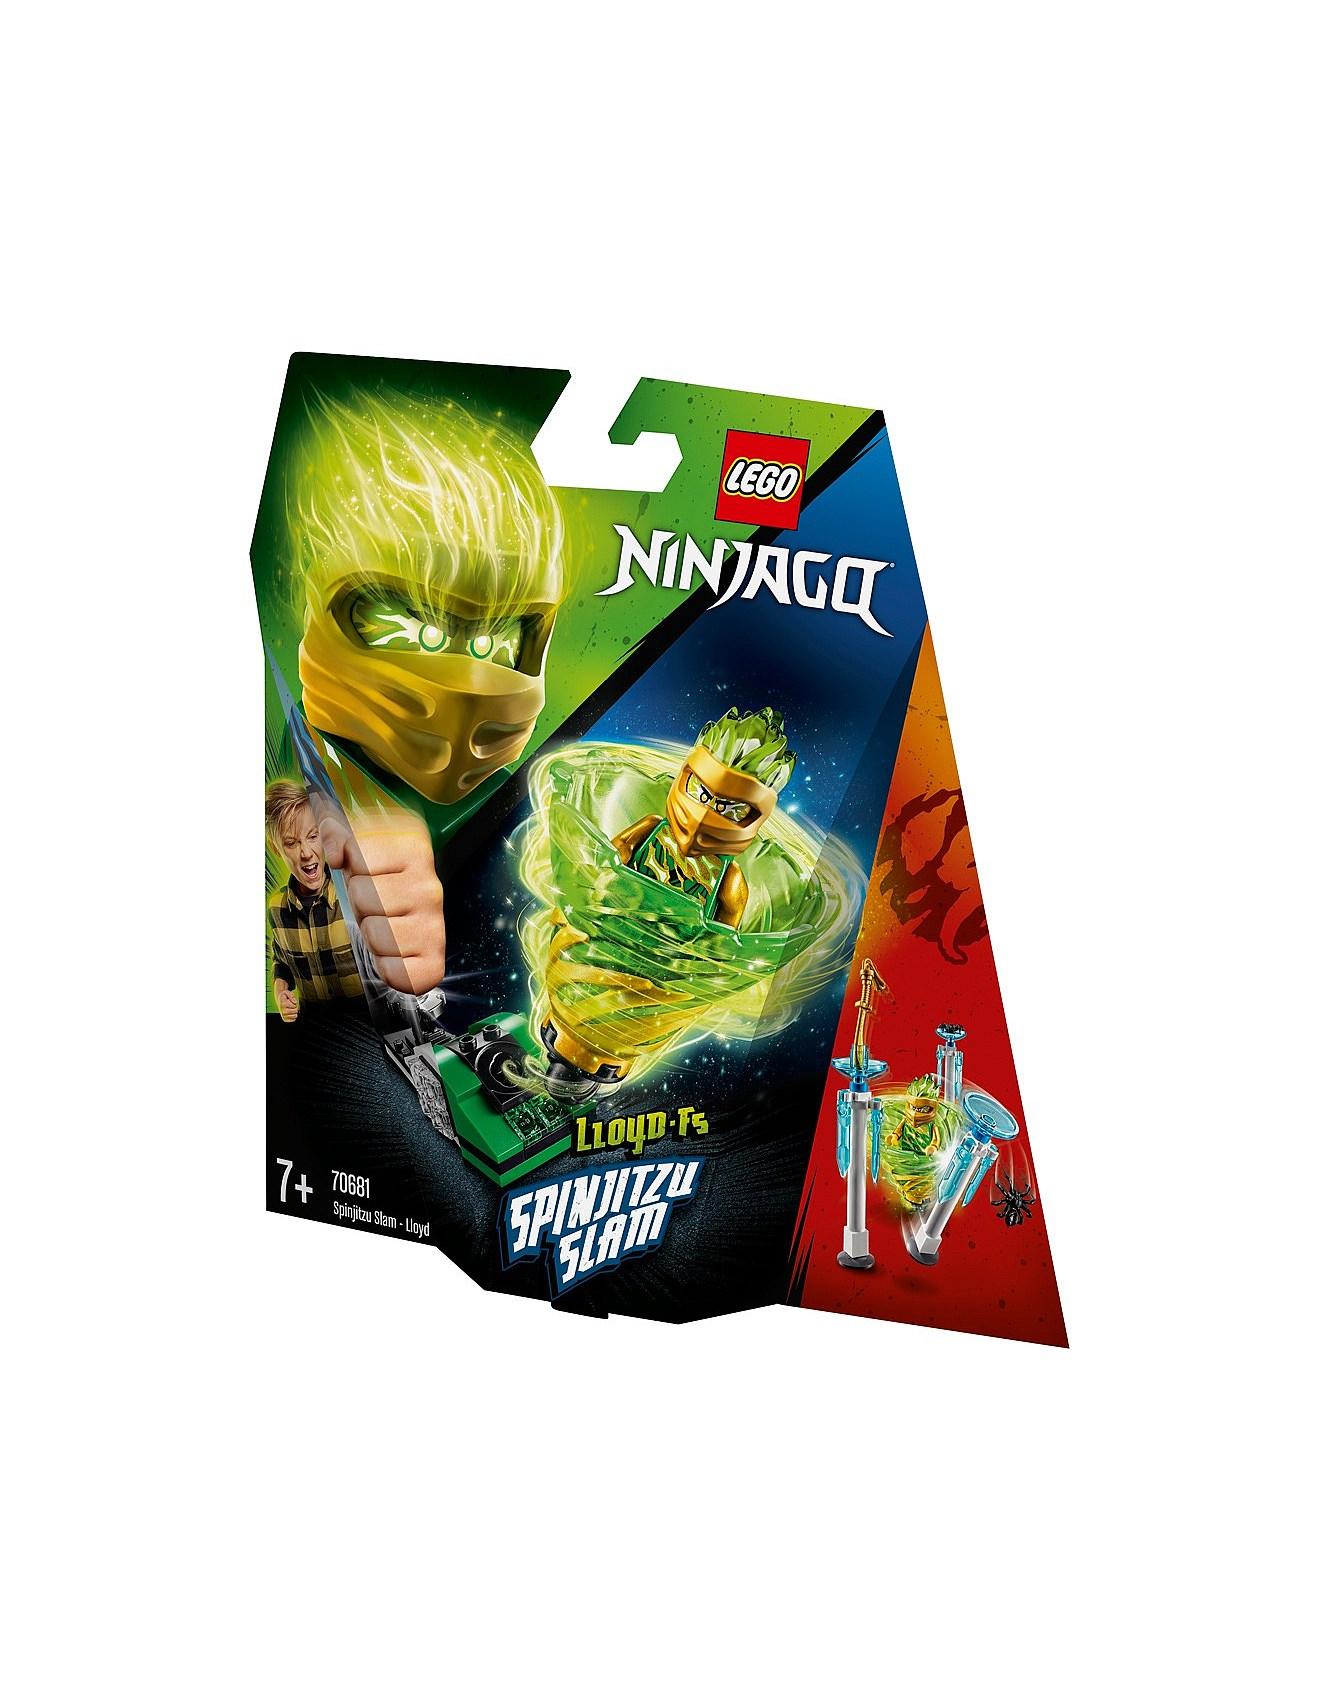 cheaper look for exquisite design LEGO| Buy LEGO Products Online | David Jones - LEGO Ninjago ...